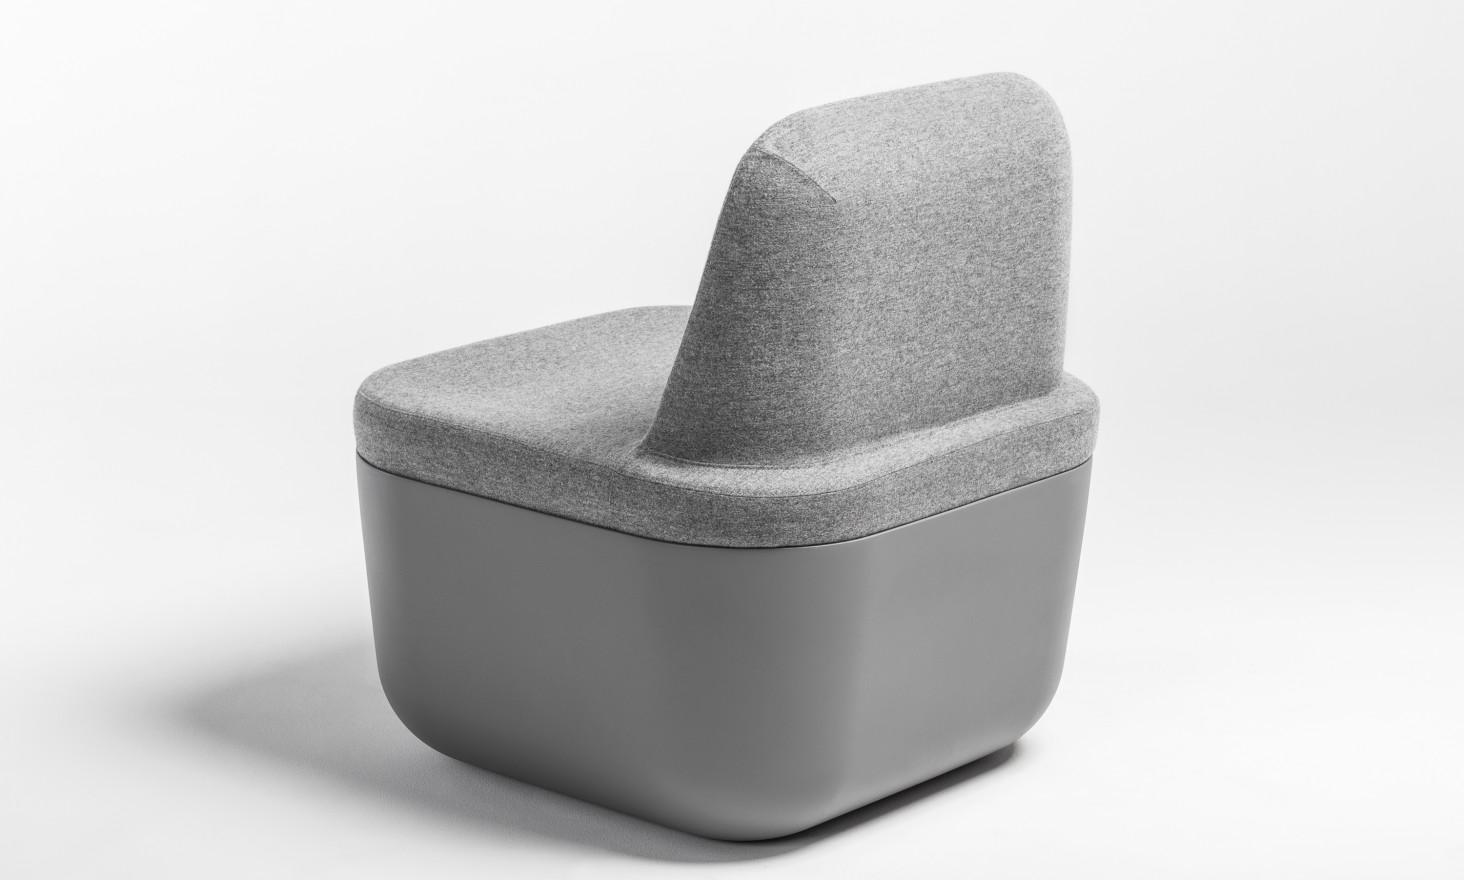 TERMO_packshot_armchair